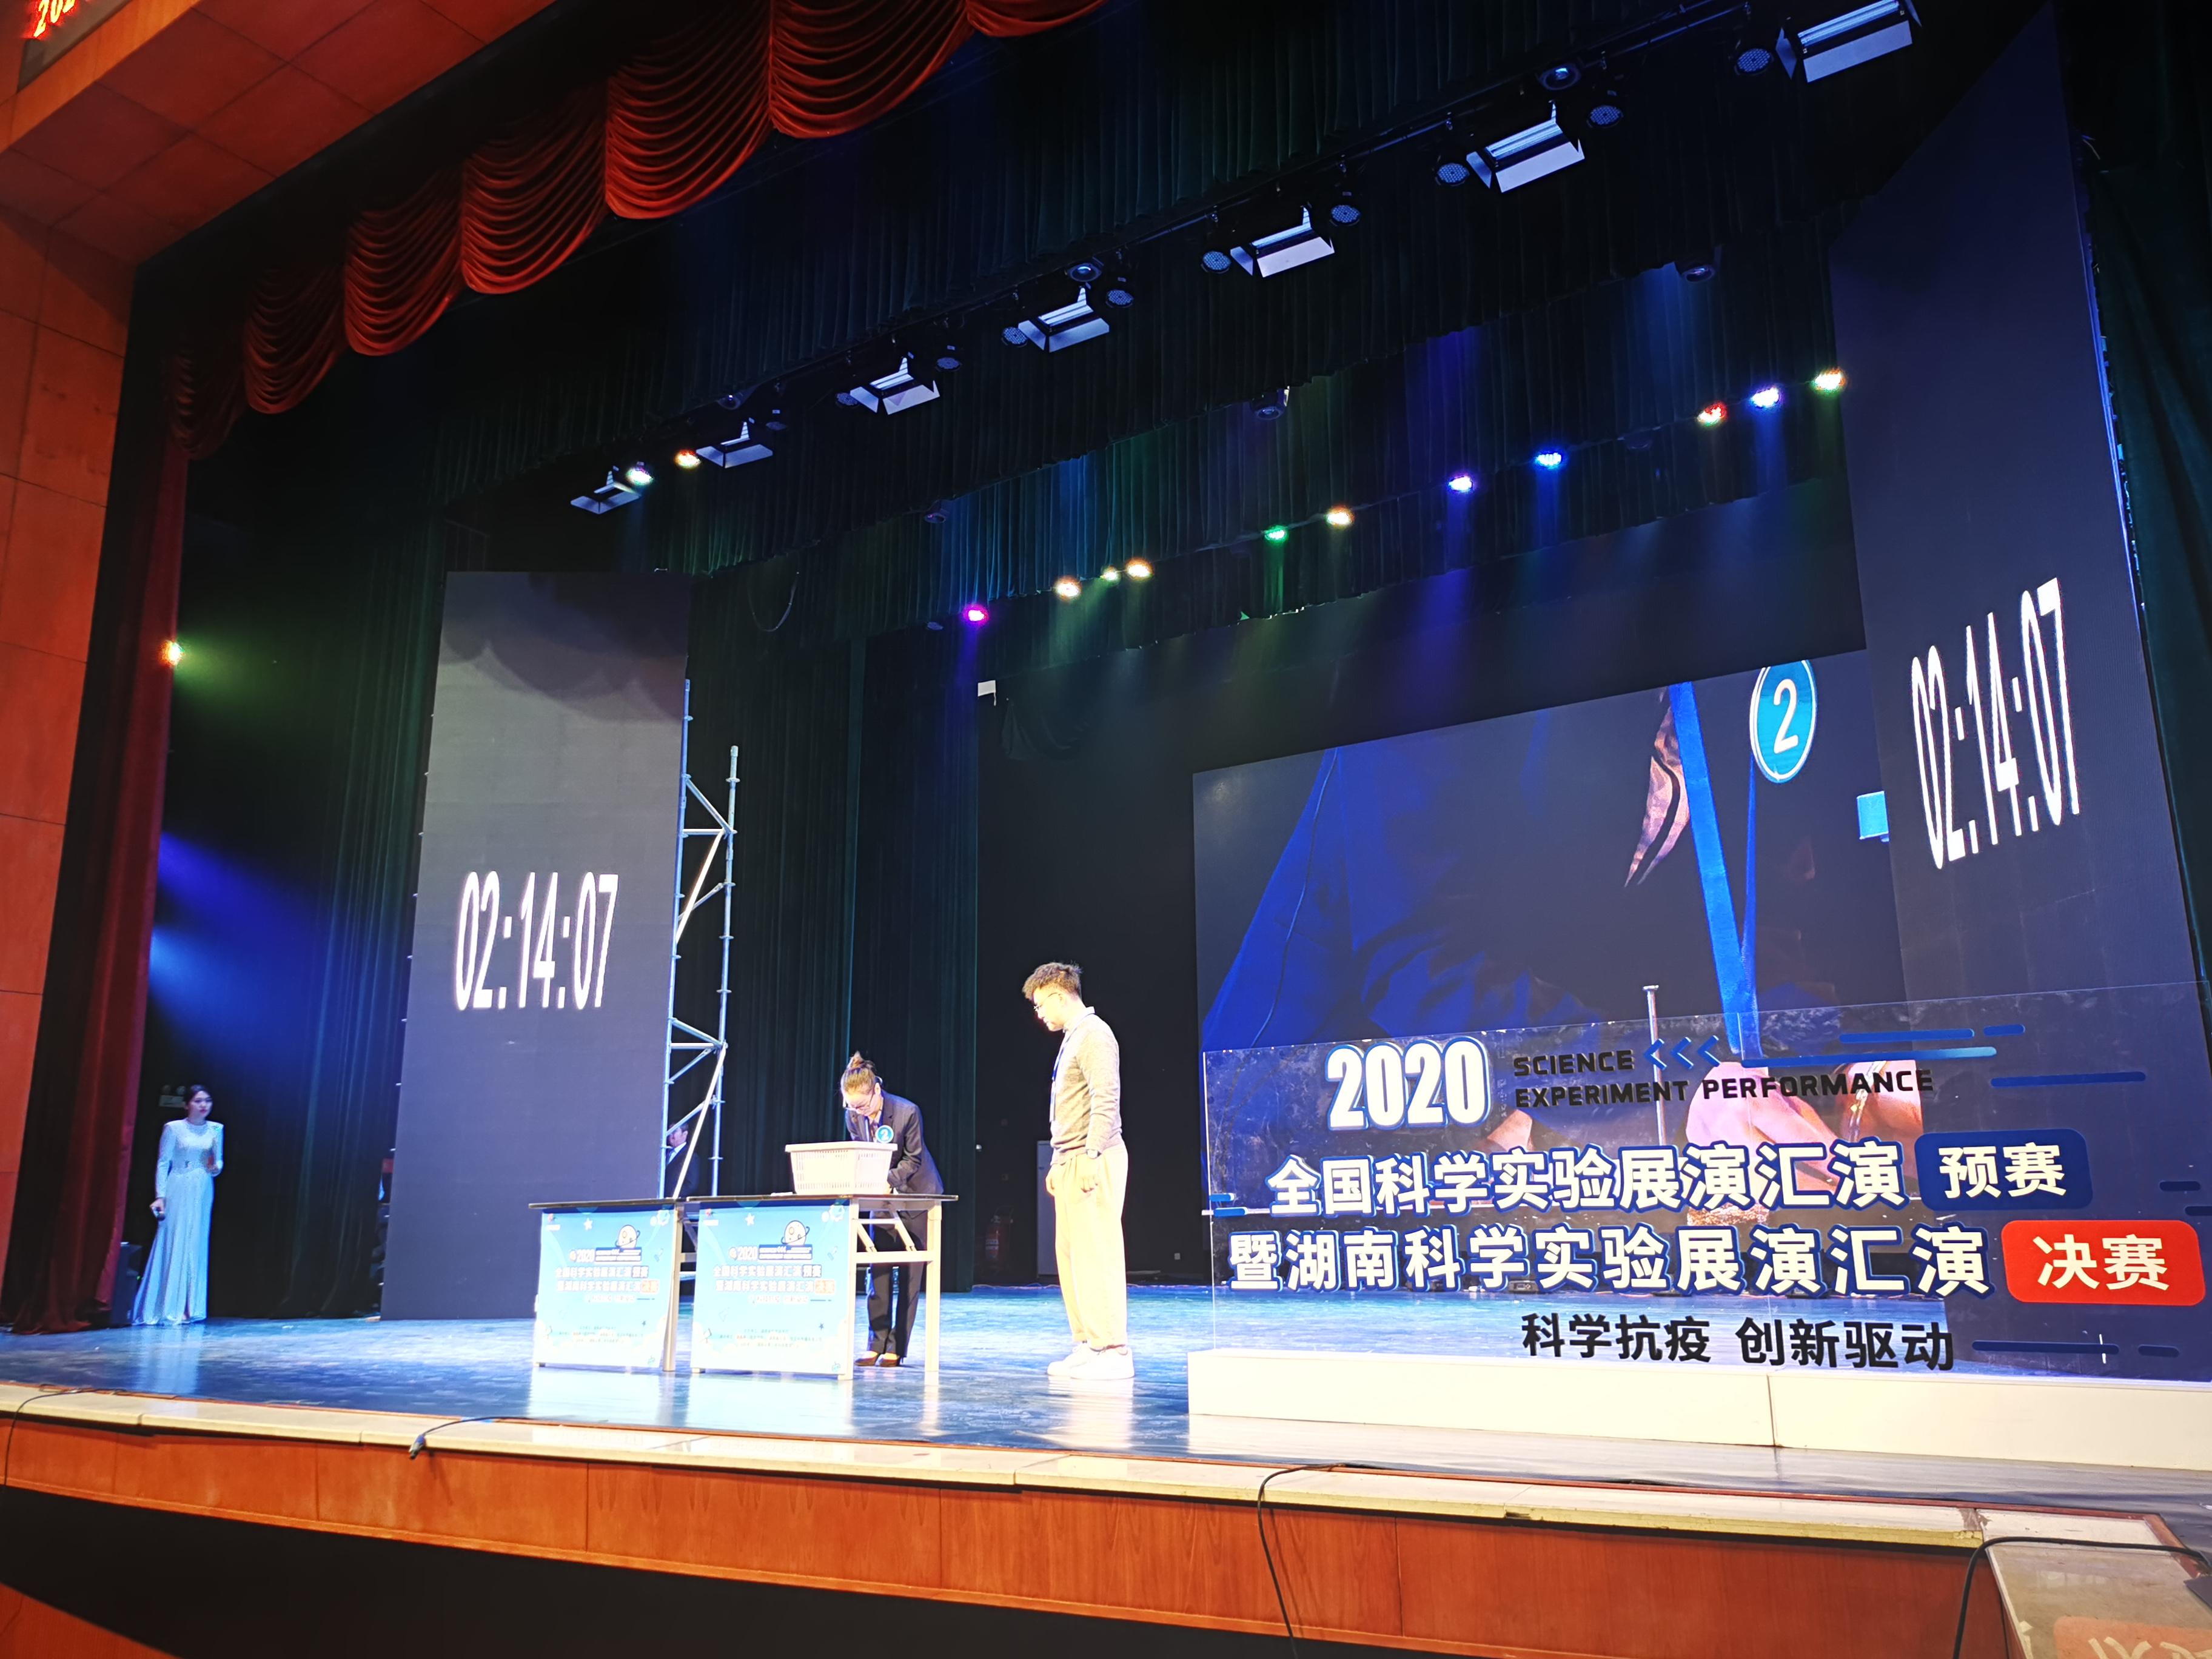 这里的科普真好看!湖南首届科学实验展演汇演赛事来了